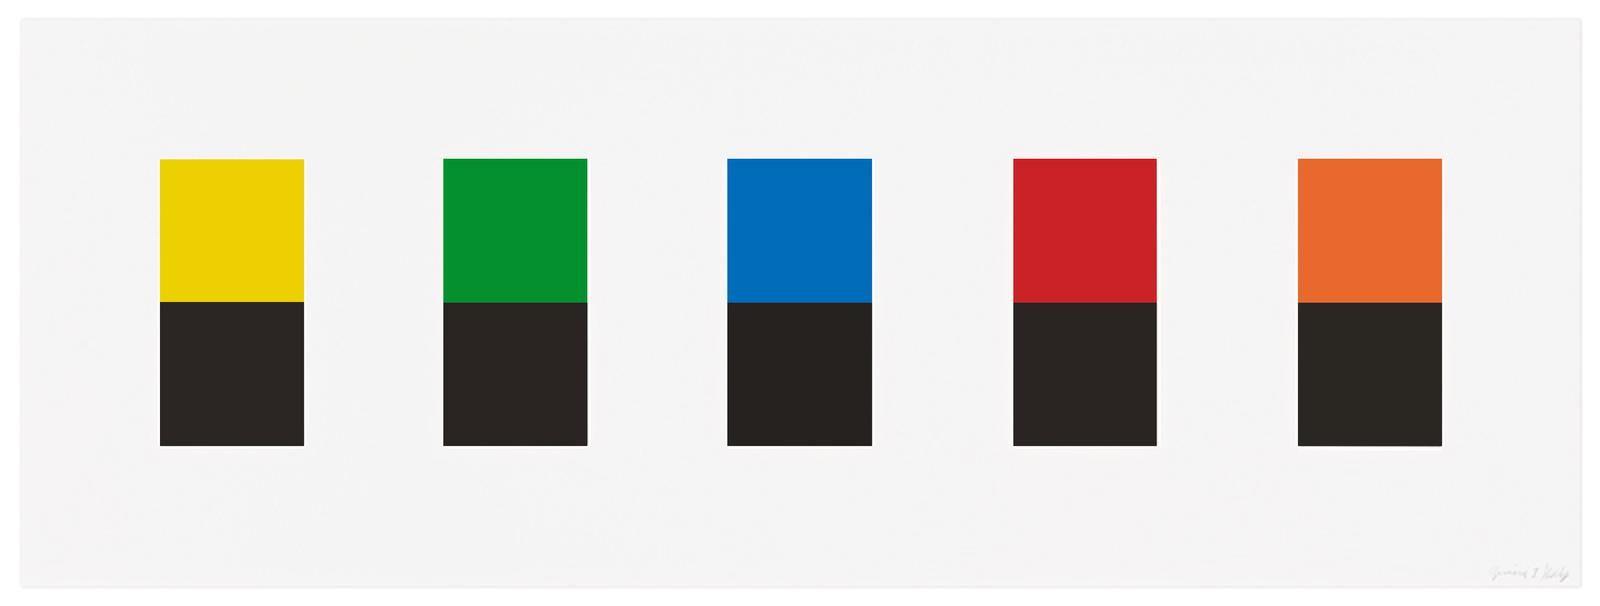 Ellsworth Kelly, Color Over Black, 2012